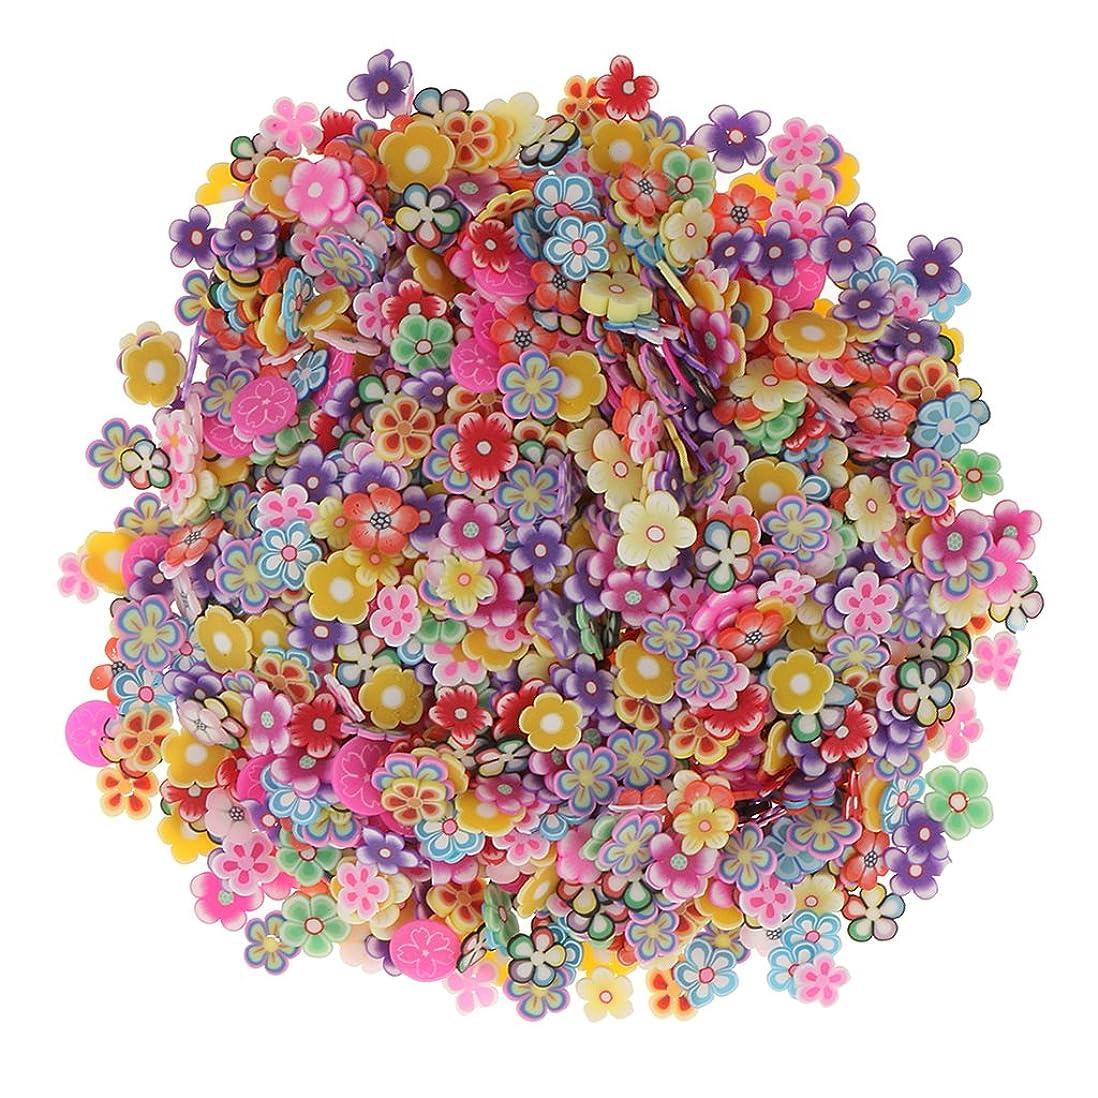 壊滅的な肺炎メッセンジャーSharplace 約1000個入り ネイルアート 3D花 フラワー DIY 手作り デコレーション